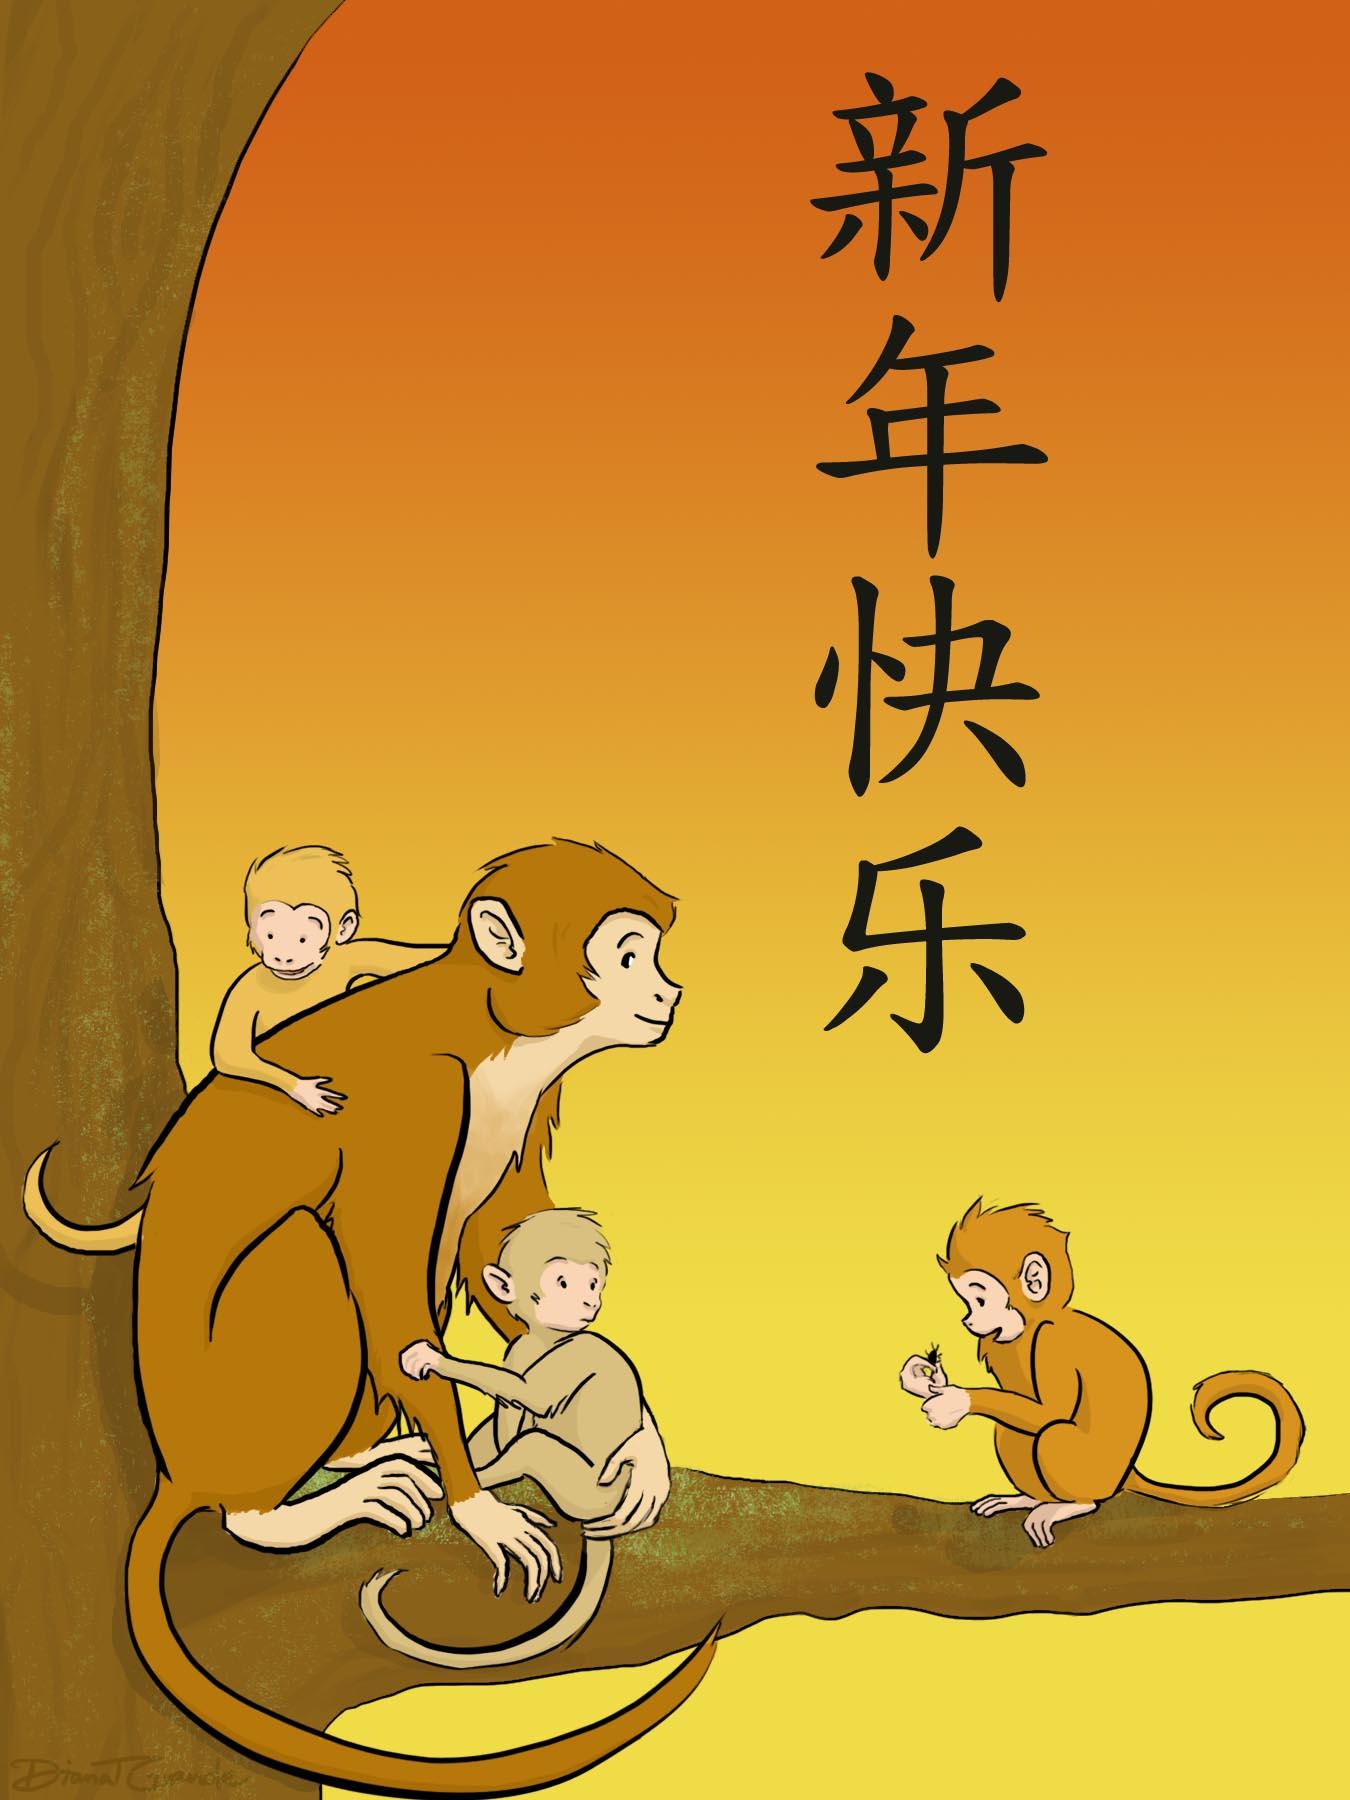 MonkeyNewYear